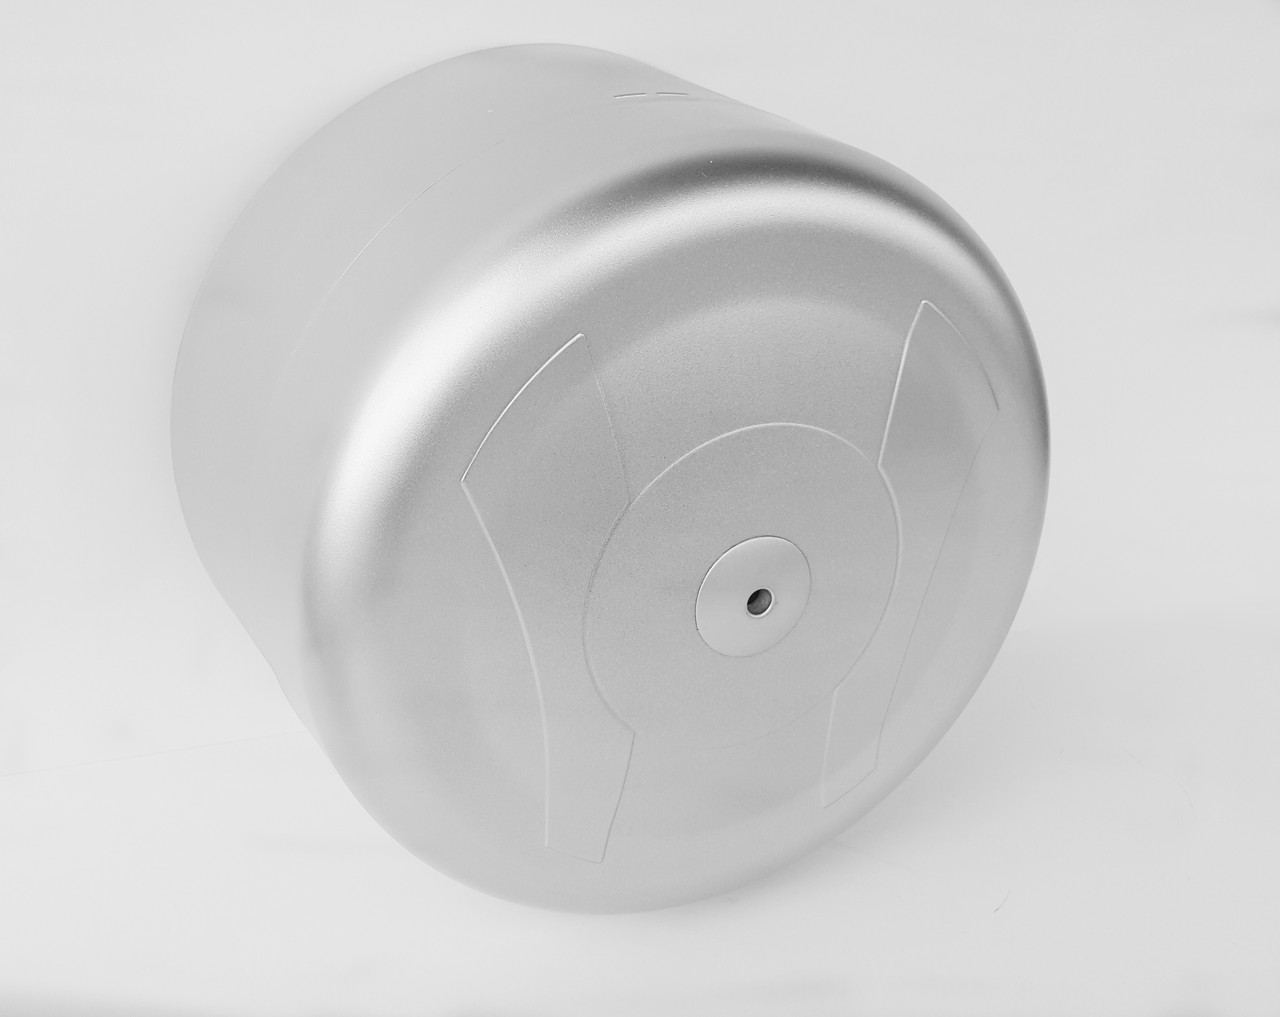 Диспенсер для туалетной бумаги с фронтальной полистовой выдачей АБС пластик, 9330 серый металлик